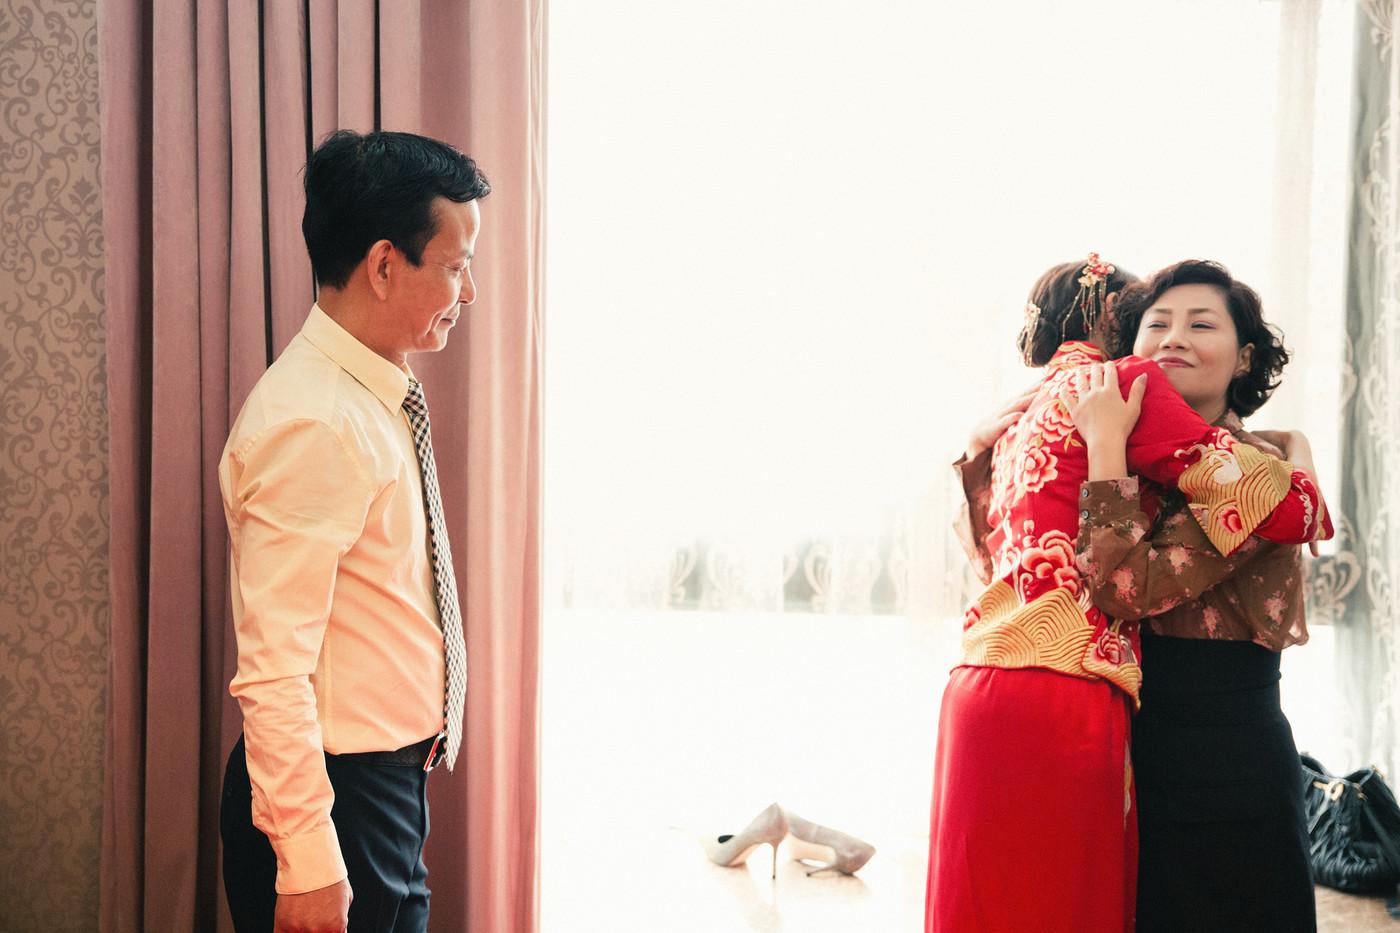 【KAI 婚礼纪实】P&S 南京婚礼12